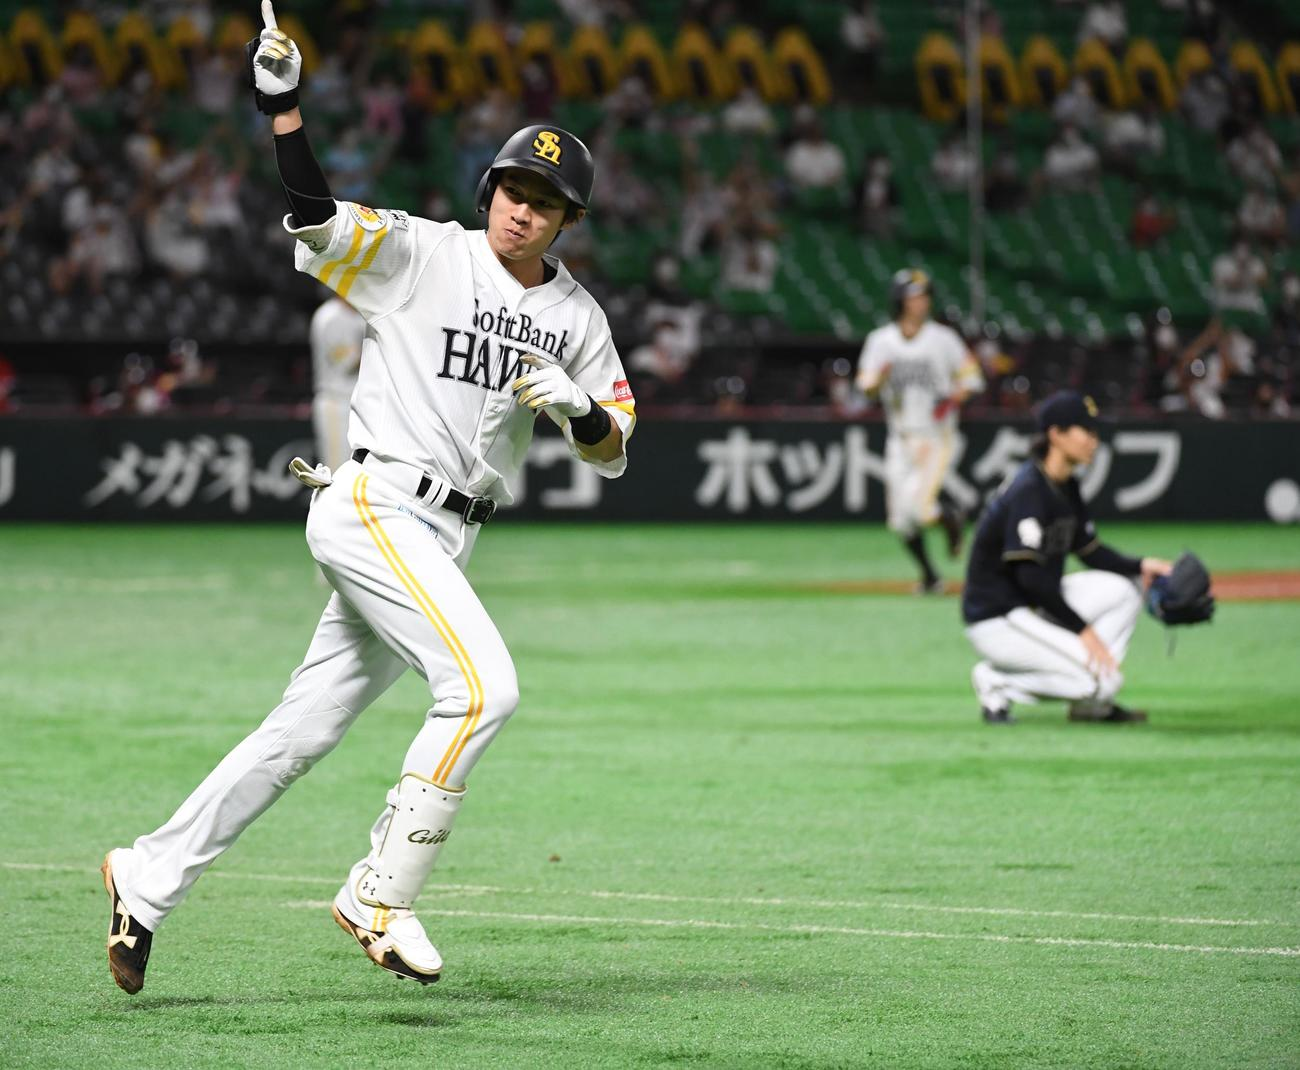 ソフトバンク対オリックス 8回裏ソフトバンク2死一、二塁、柳田悠岐は右越えに決勝の3点本塁打を放ちベンチに向かって指を指す(撮影・今浪浩三)